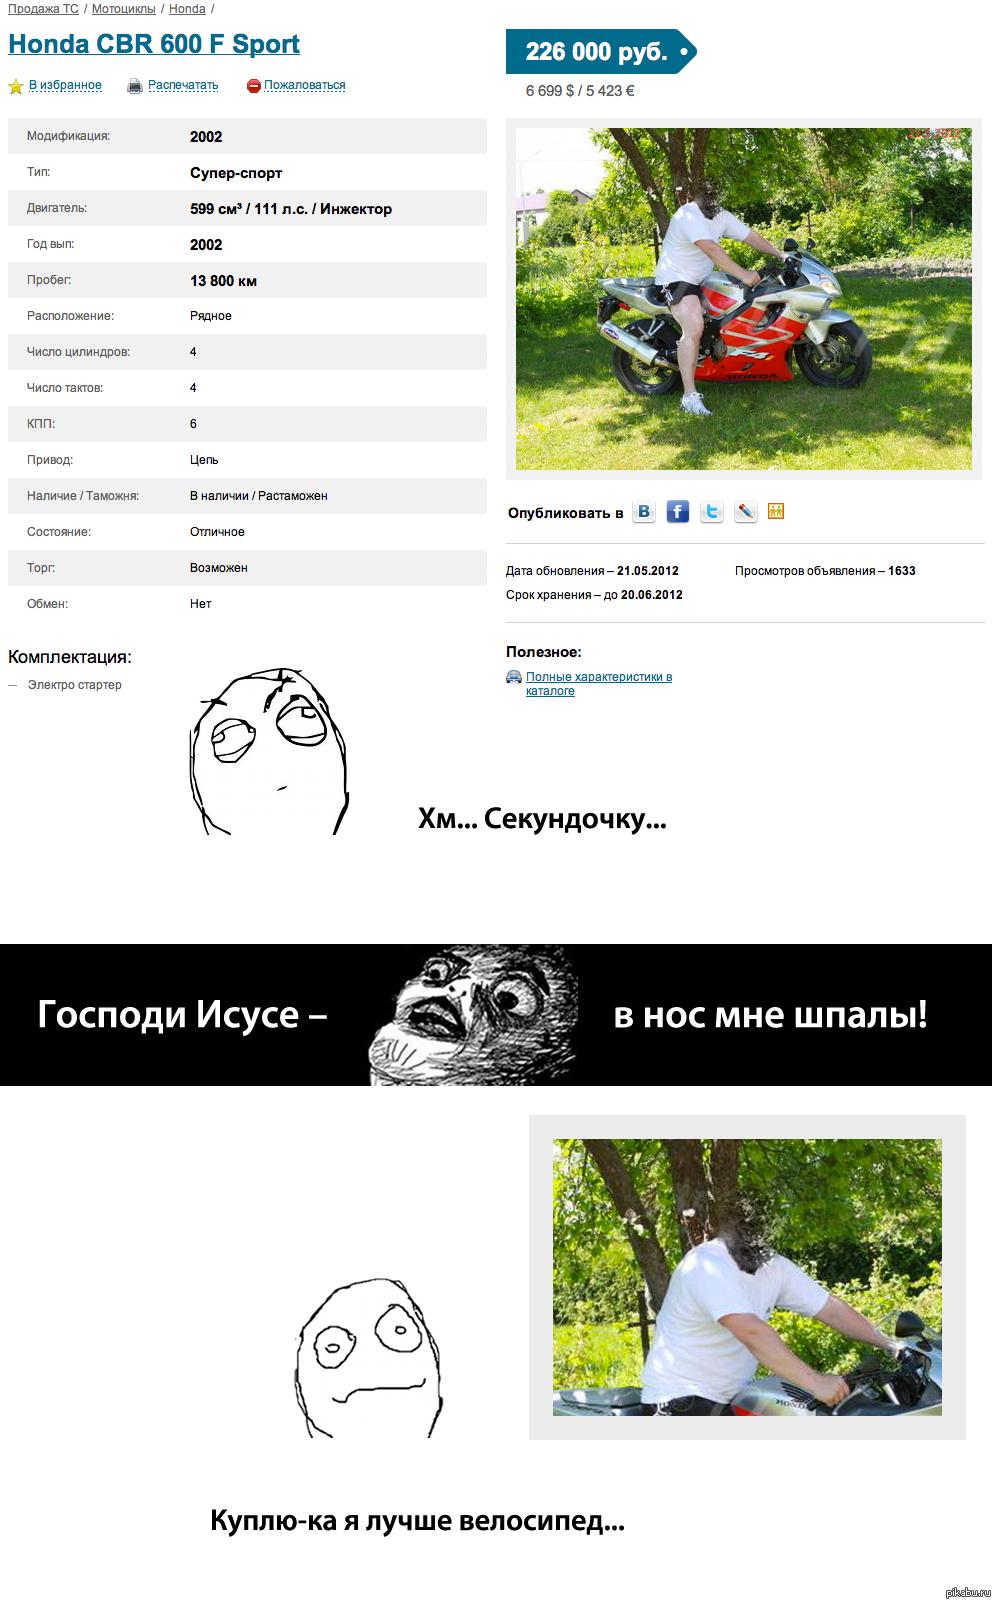 Тру вин на авто.ру)))